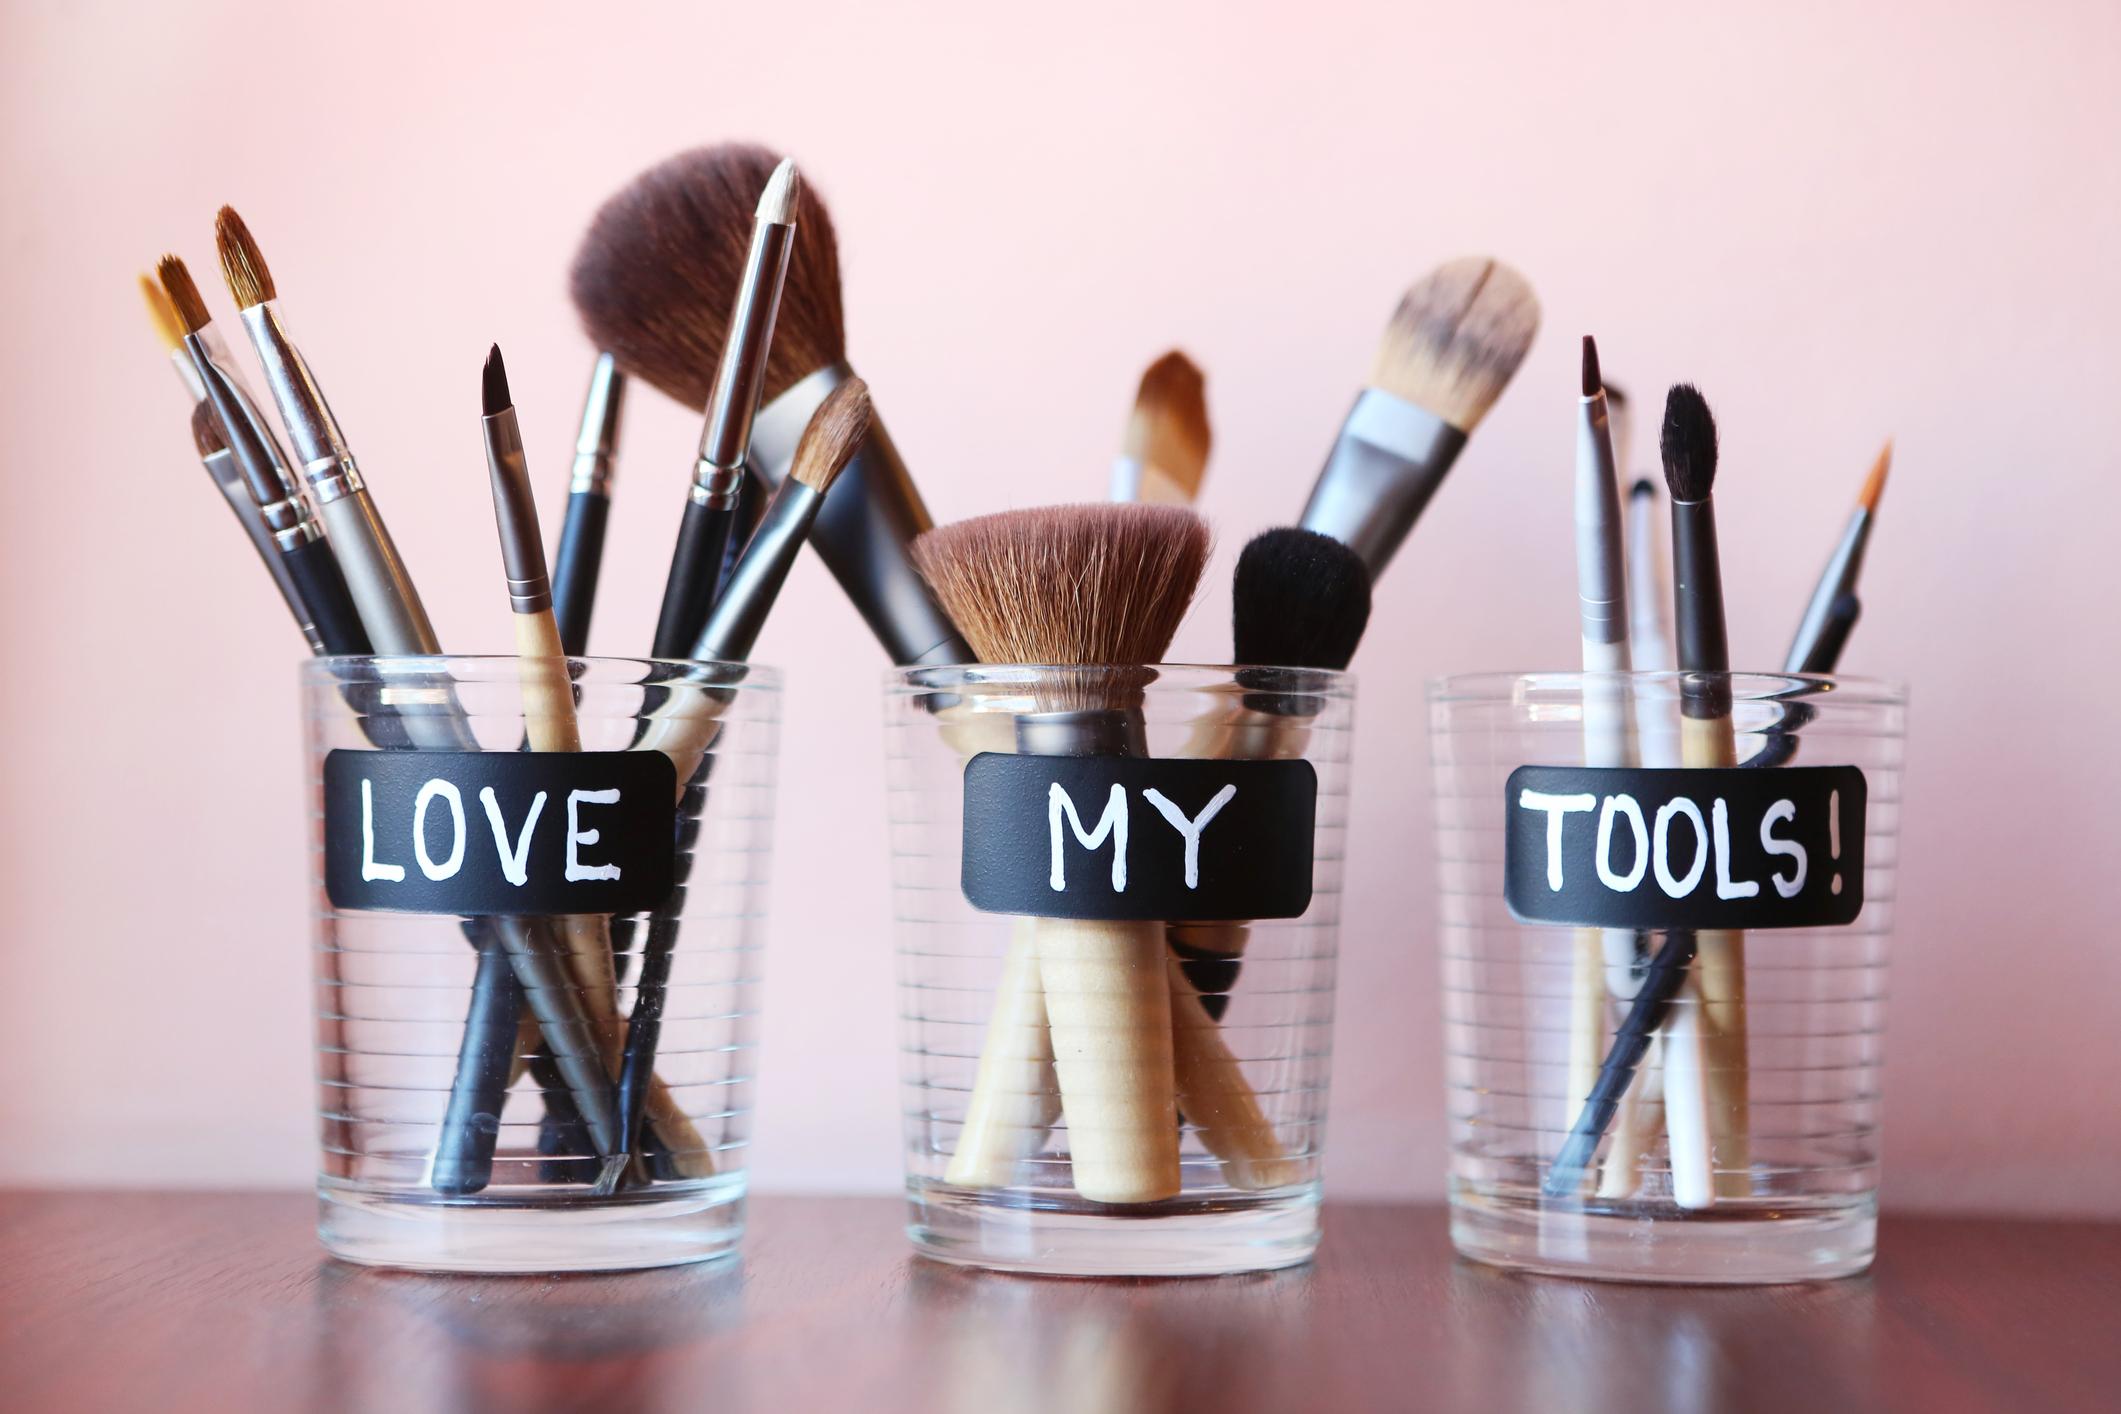 Houd die make-up borstels schoon!